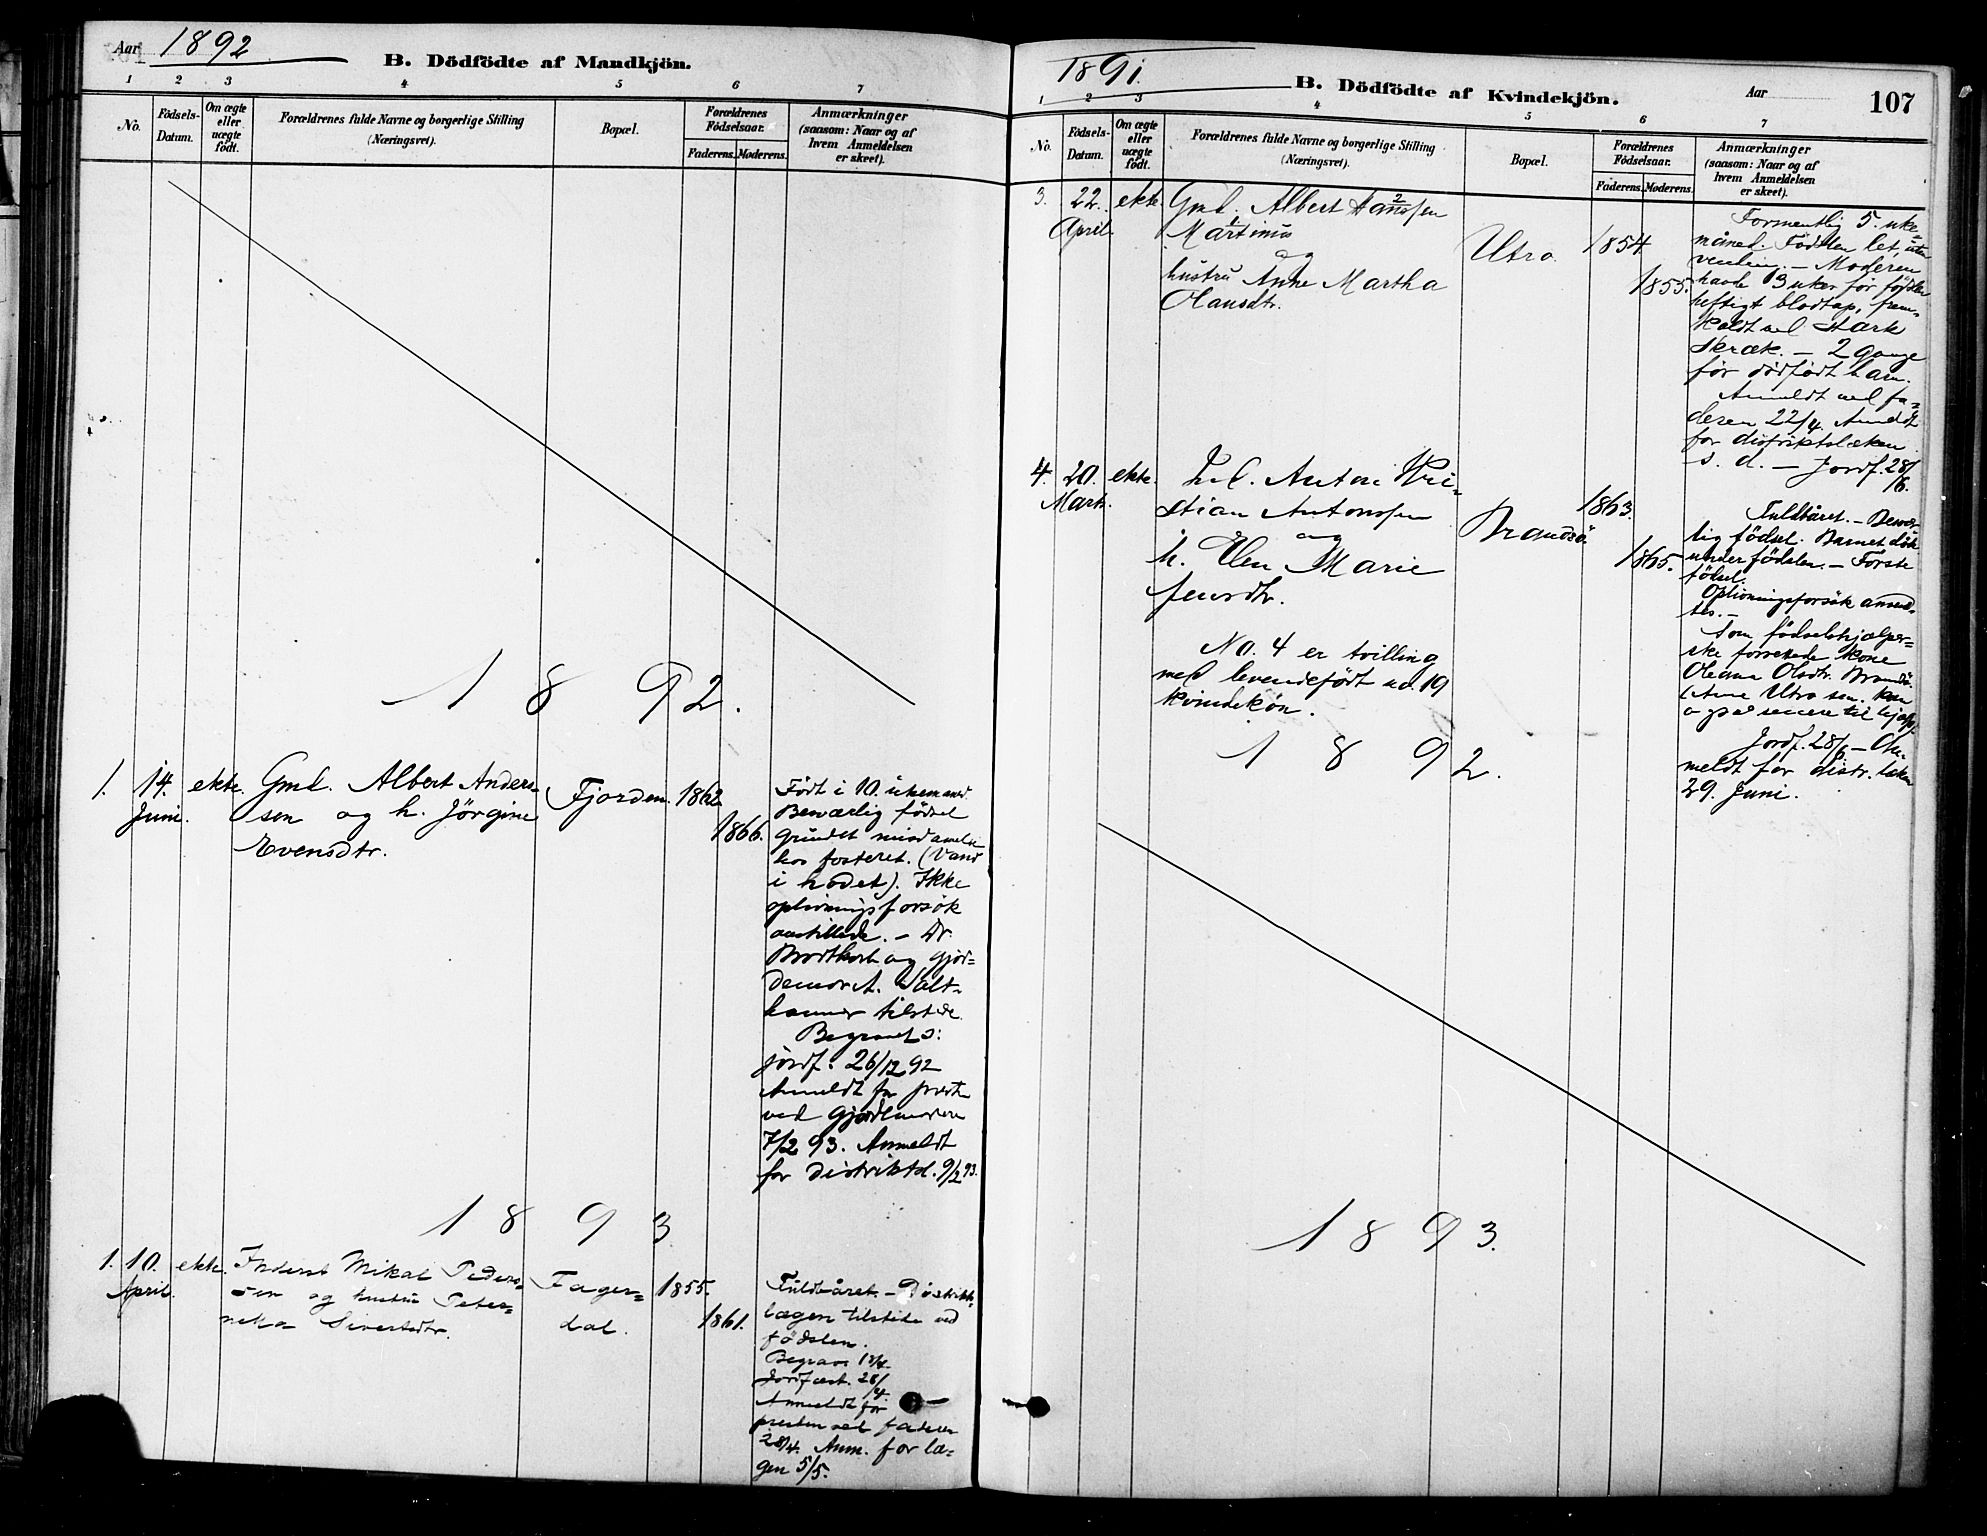 SAT, Ministerialprotokoller, klokkerbøker og fødselsregistre - Sør-Trøndelag, 657/L0707: Ministerialbok nr. 657A08, 1879-1893, s. 107